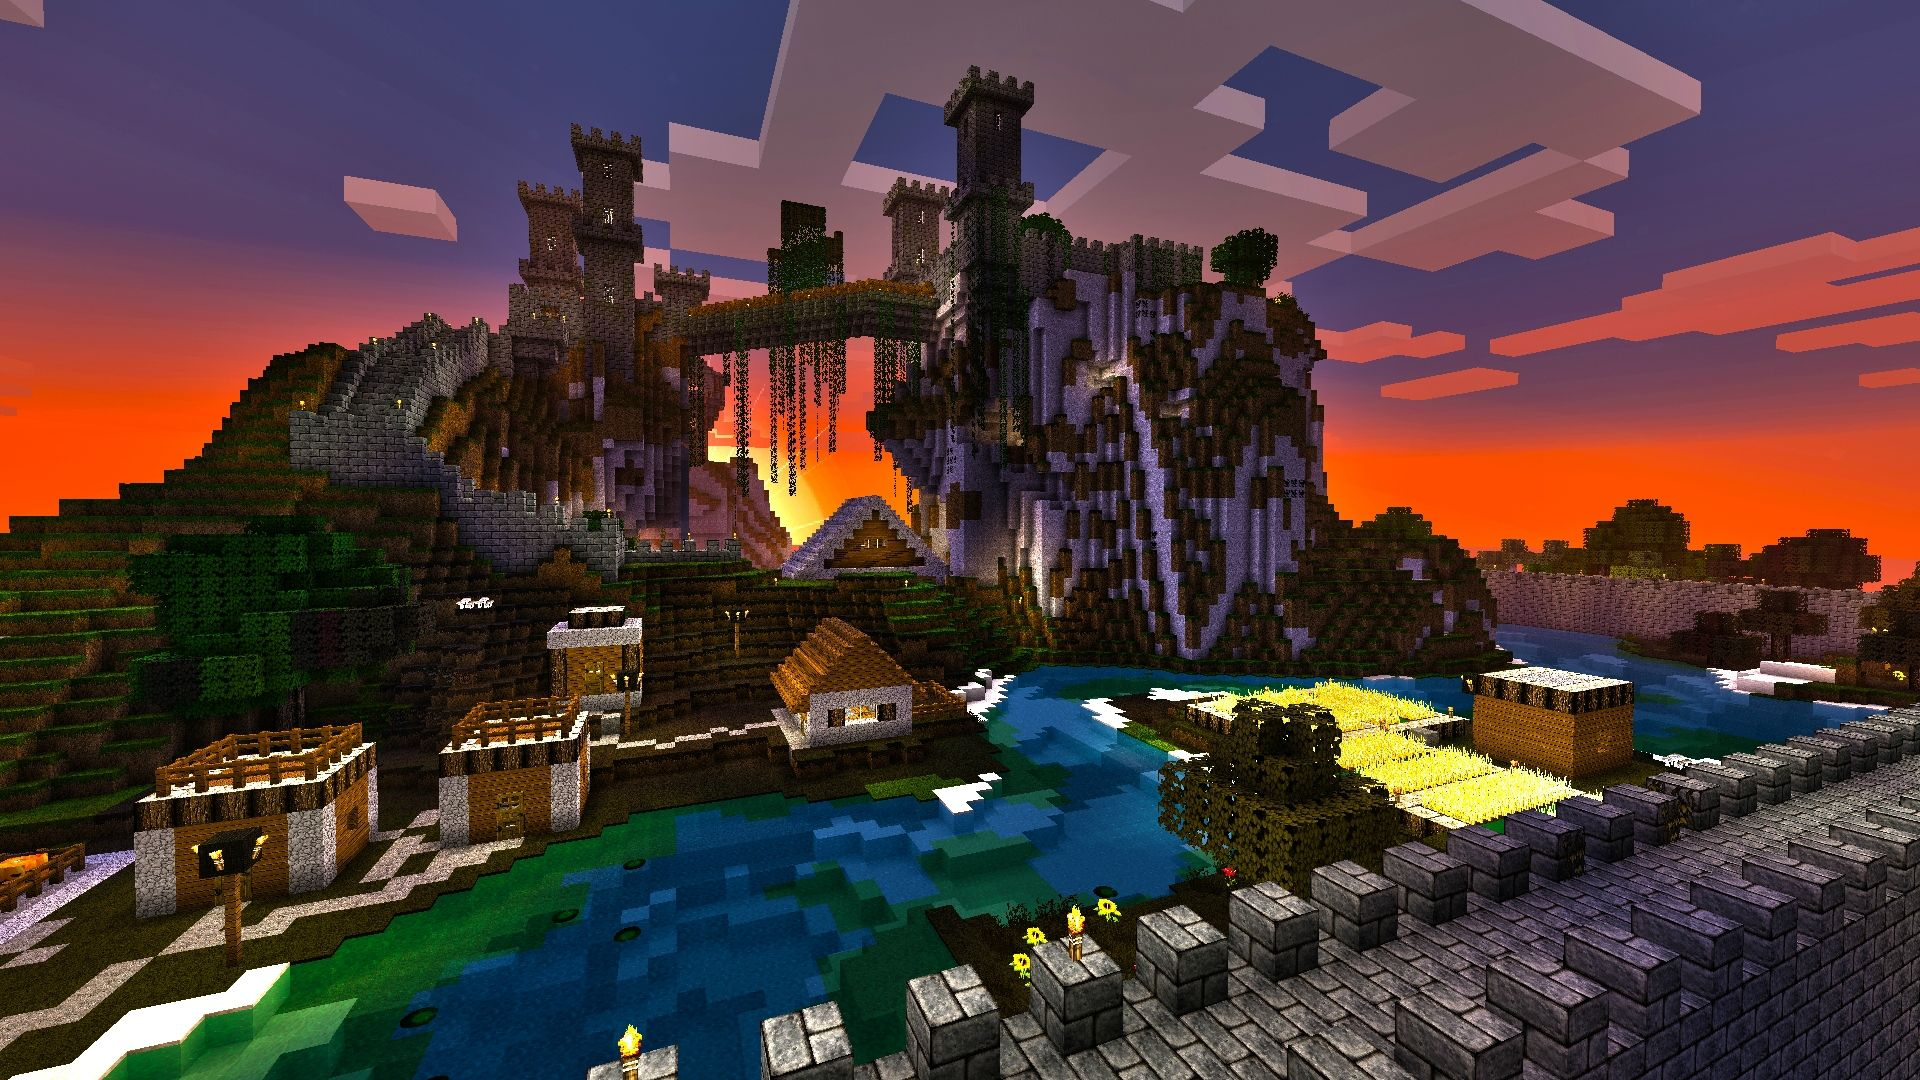 Download Wallpaper Minecraft Art - 286264  Pictures_303771.jpg